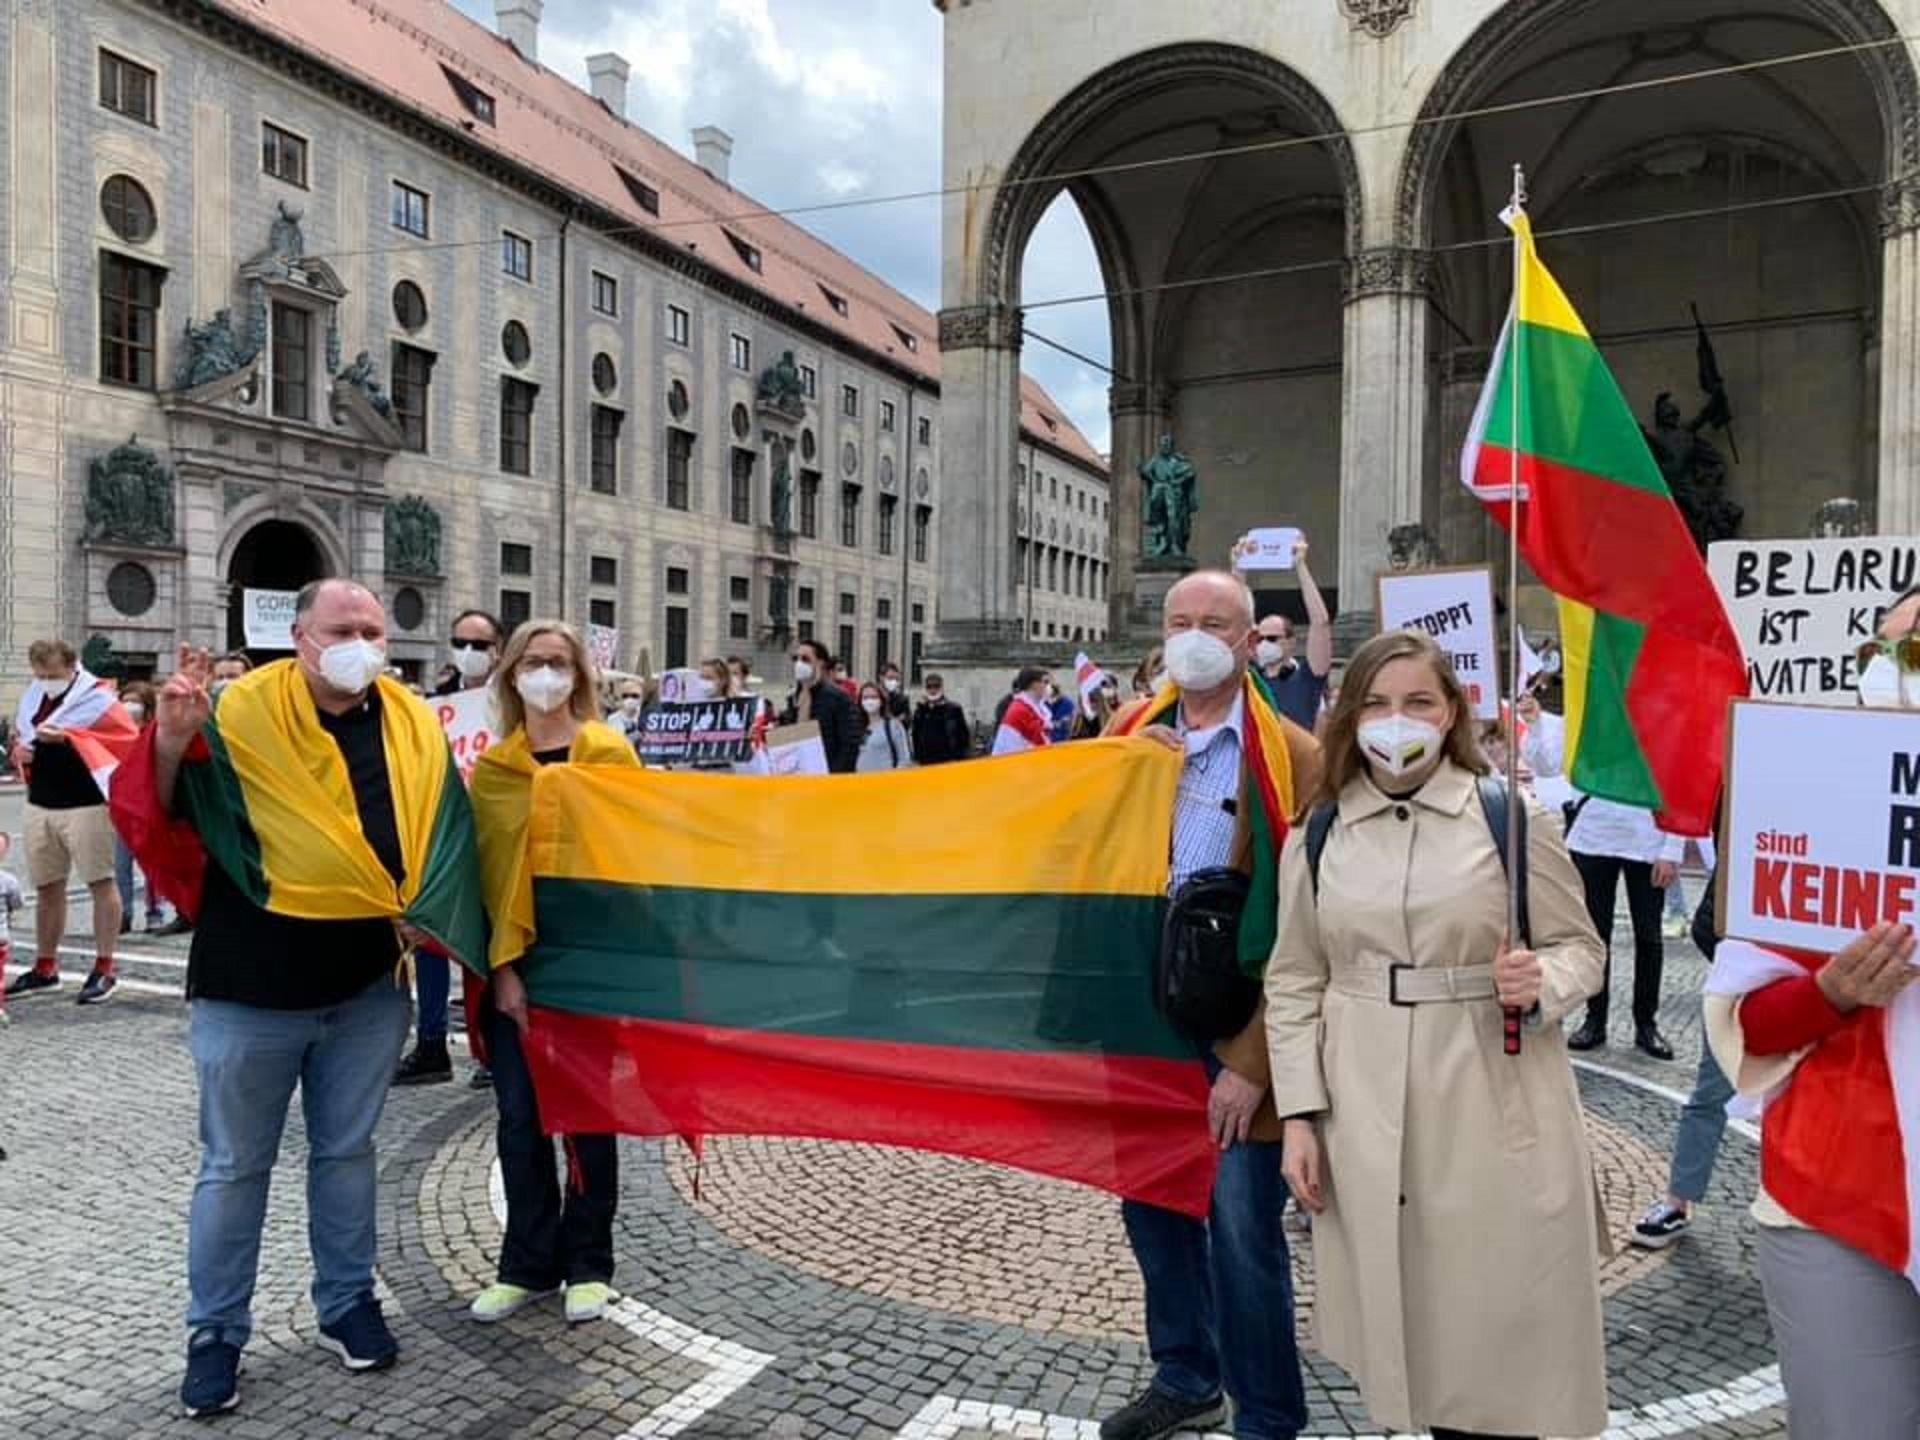 Pasaulinės solidarumo akcijos dalyviai – Miuncheno lietuviai (Vokietijos LB archyvo nuotr.)